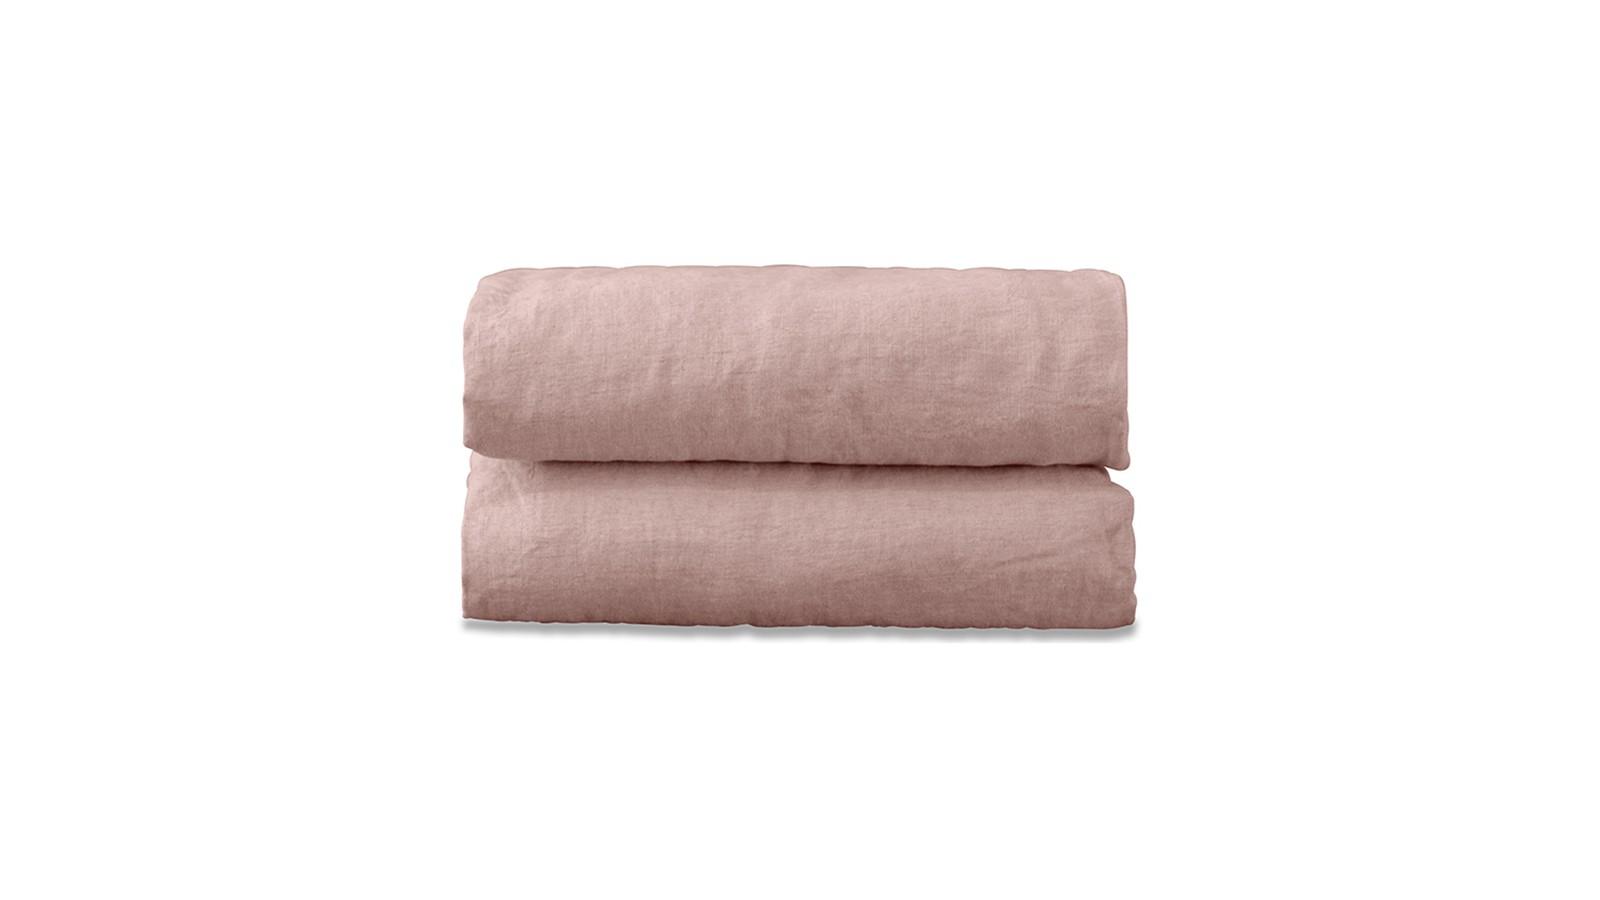 Drap plat 2 personnes en lin lavé uni Rose Rétro